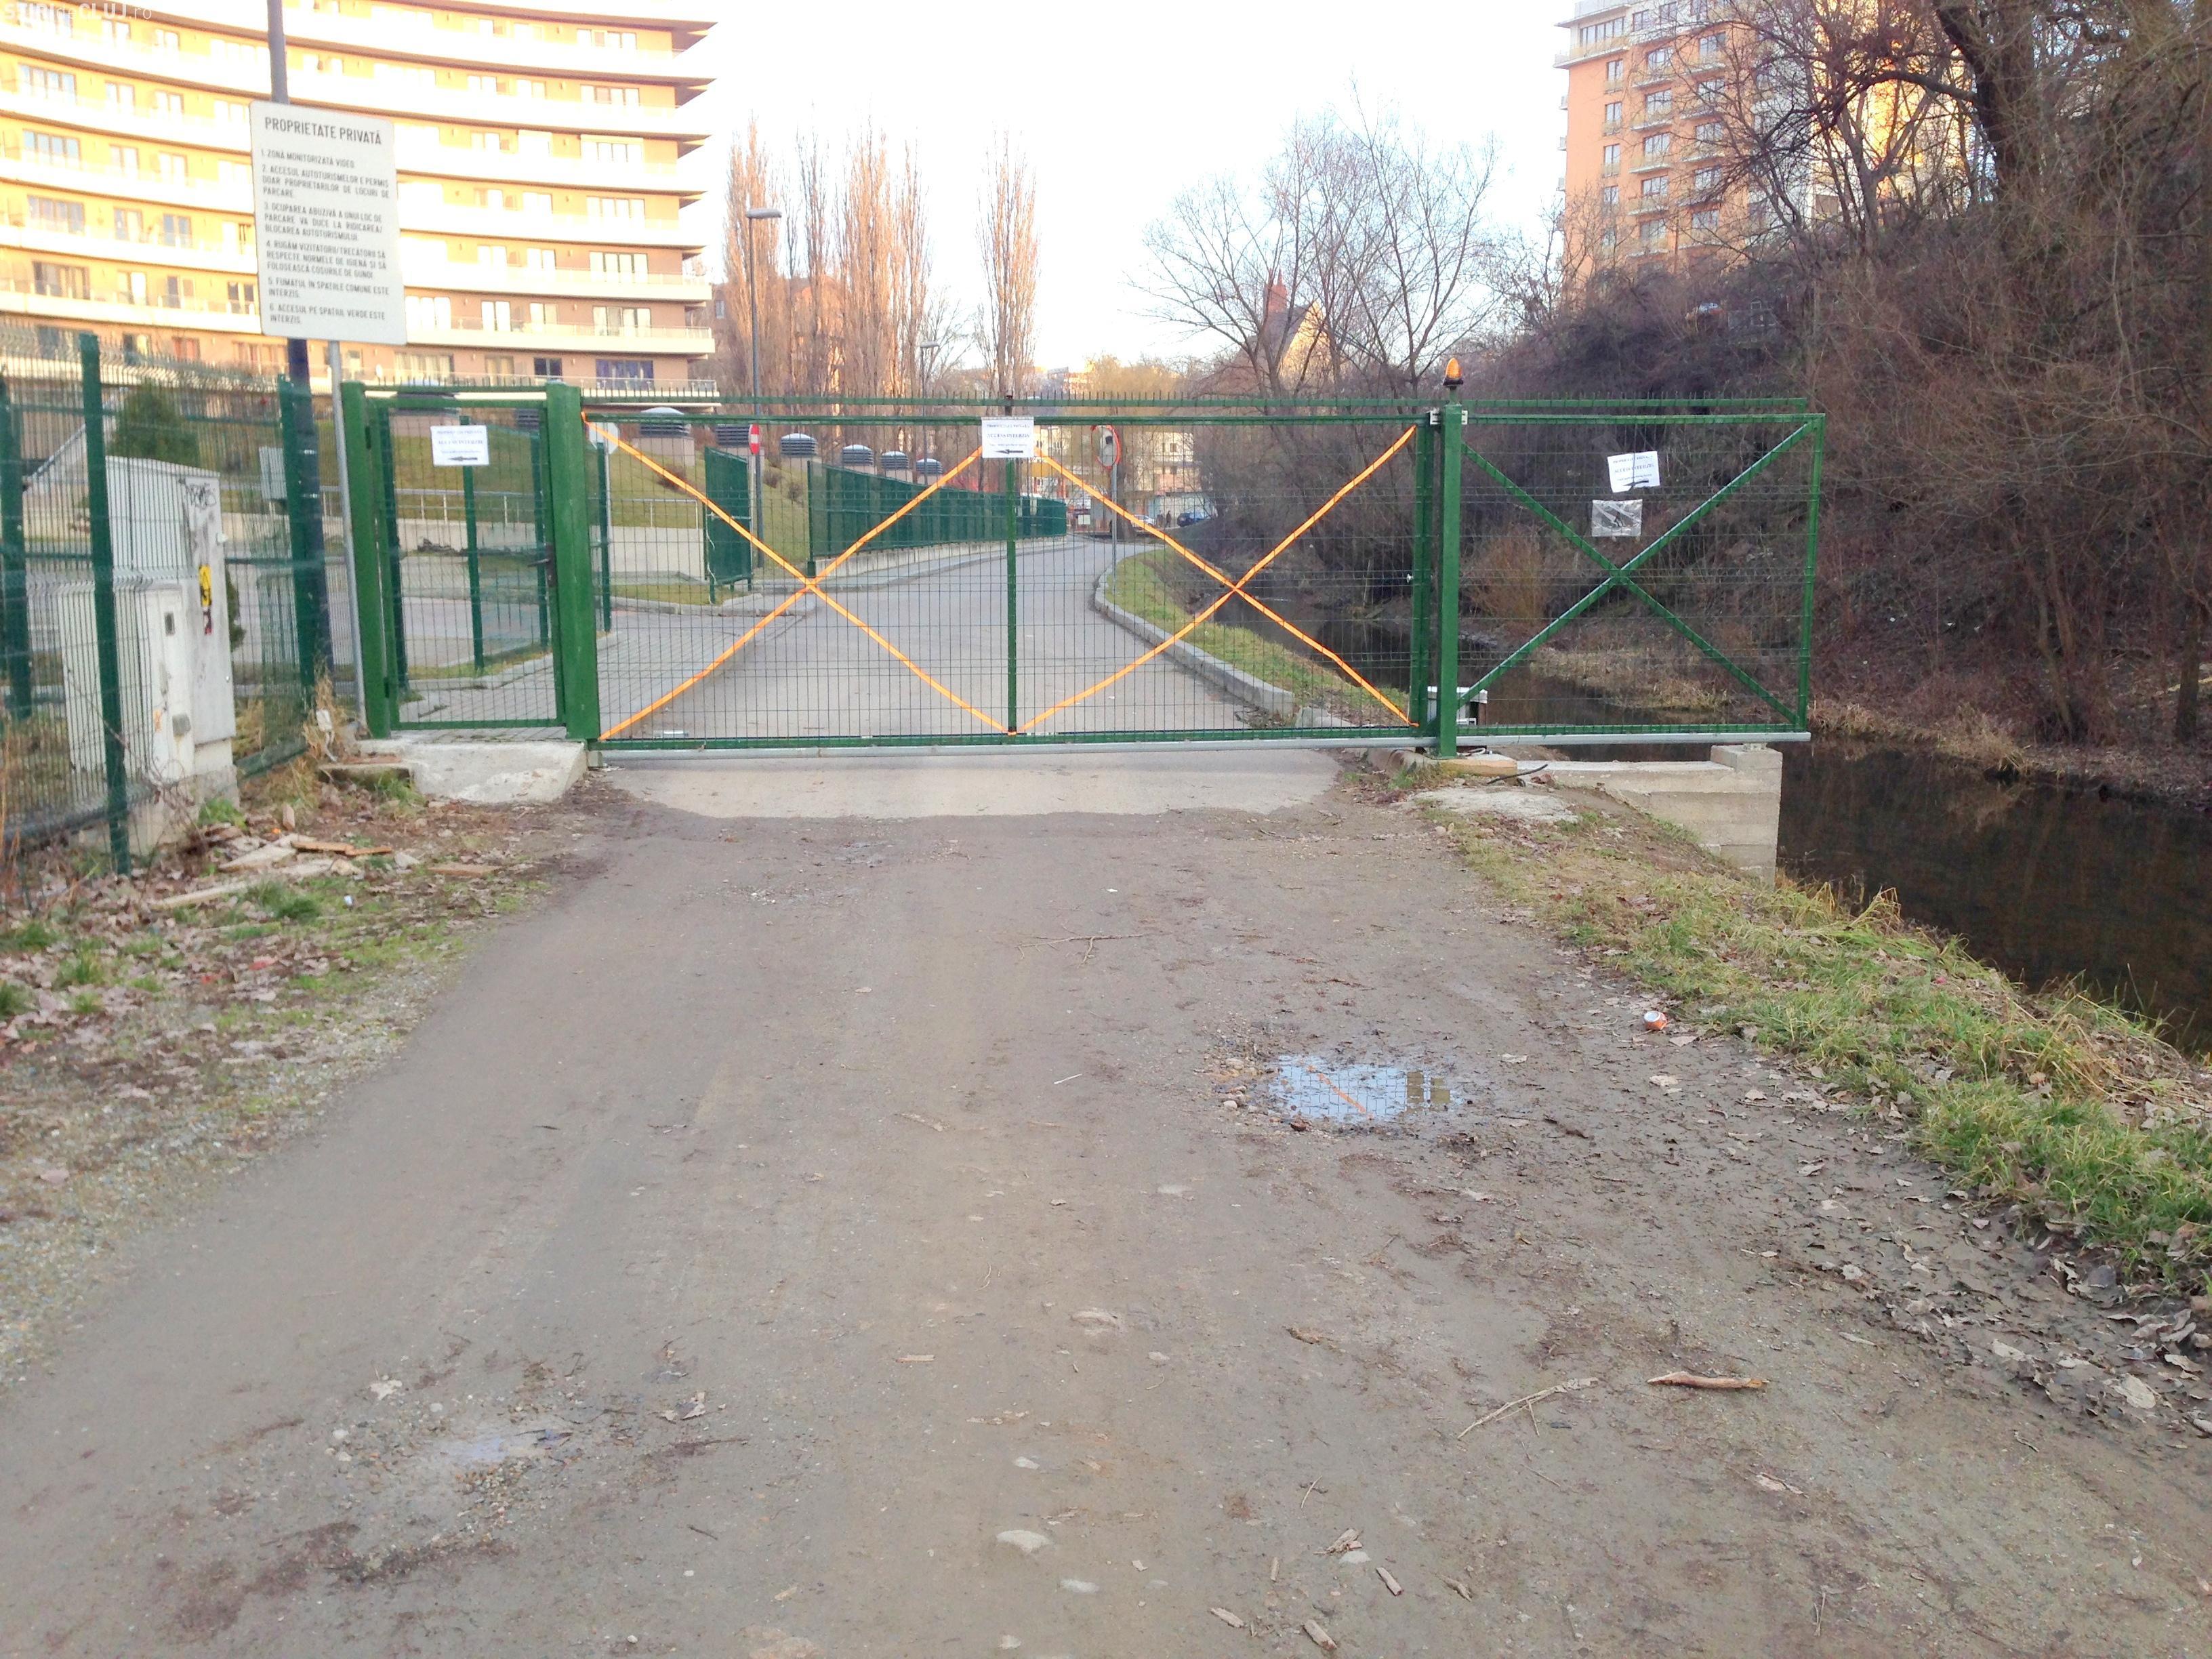 O primă VICTORIE civică la Parcul Rozelor din Cluj-Napoca: A fost demolată poarta care bloca accesul spre parc